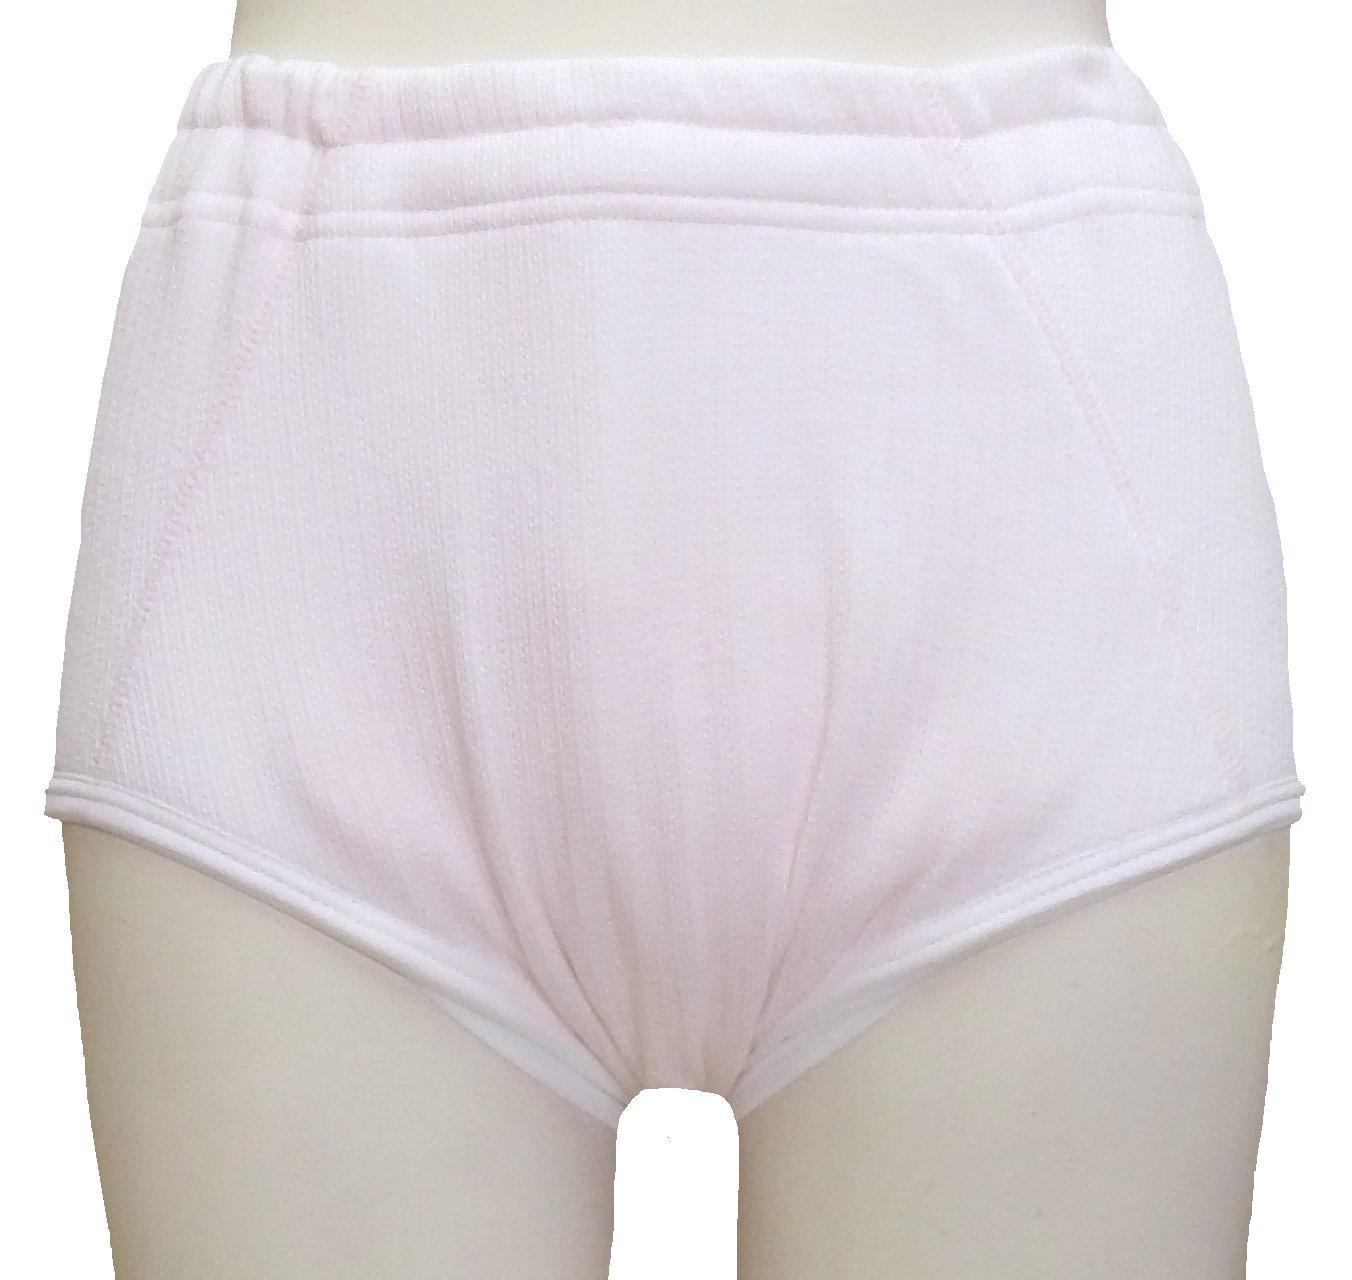 【3枚組】【32030】女性用失禁ショーツ ヨコ漏れガード付き 300cc Mサイズ 3枚のご購入 B0069K66GC M  M